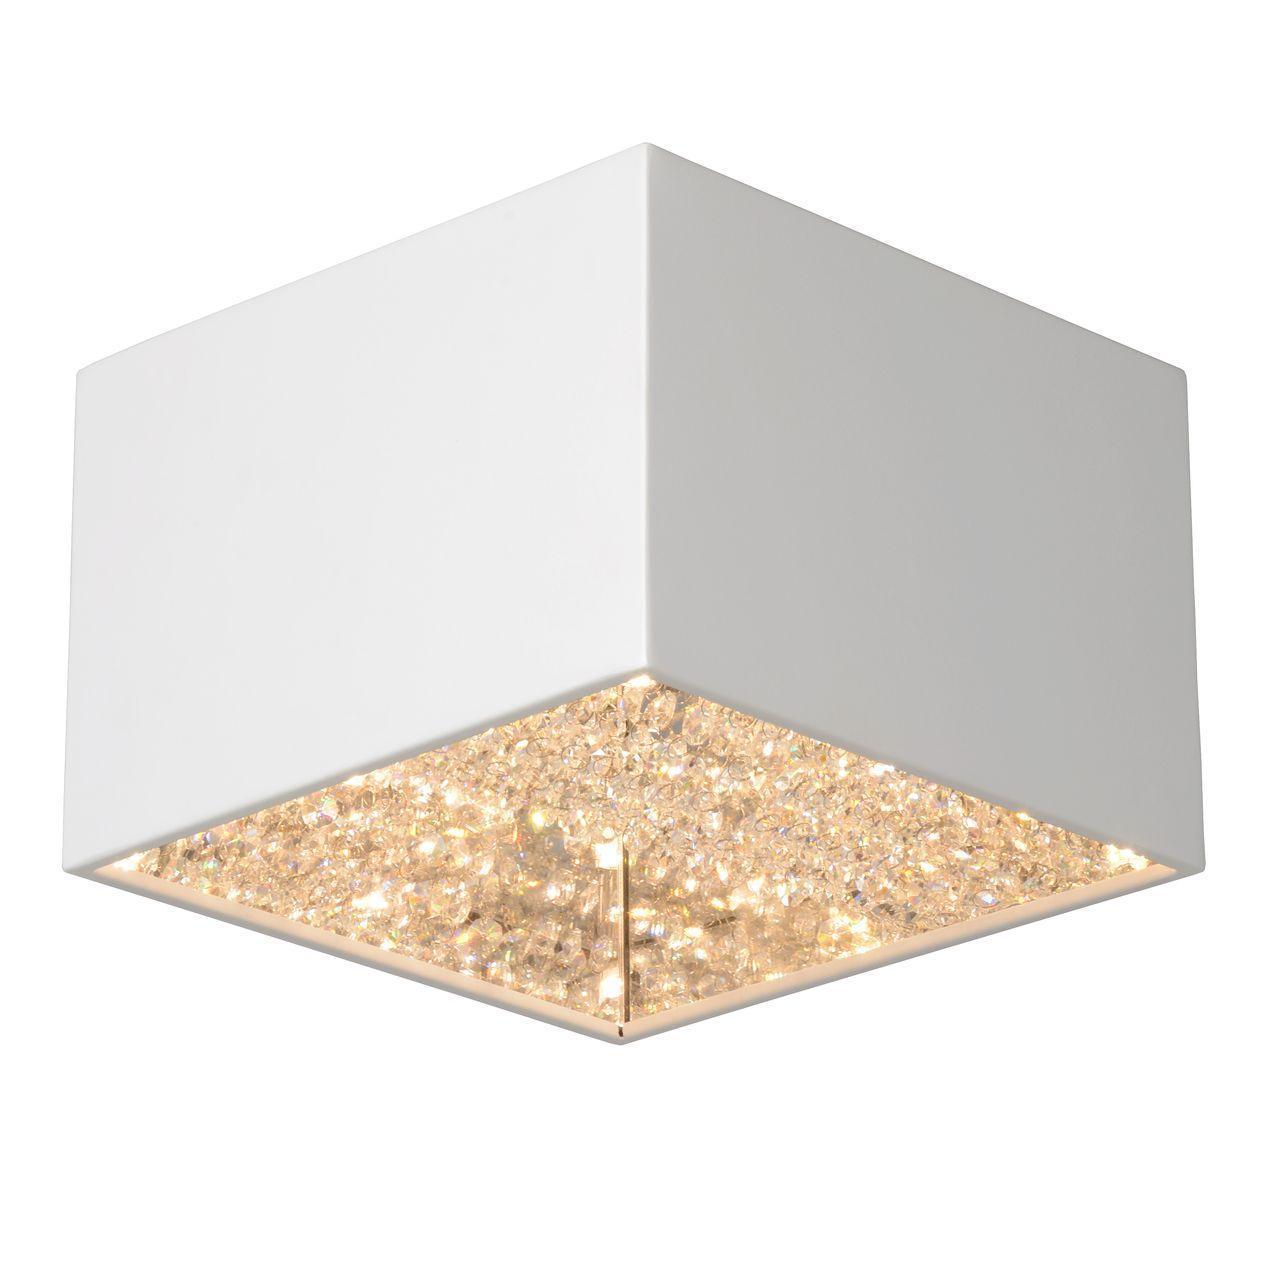 Потолочный светильник Lucide Gladis21101/30/31 потолочный светильник lucide gladis21101 30 31